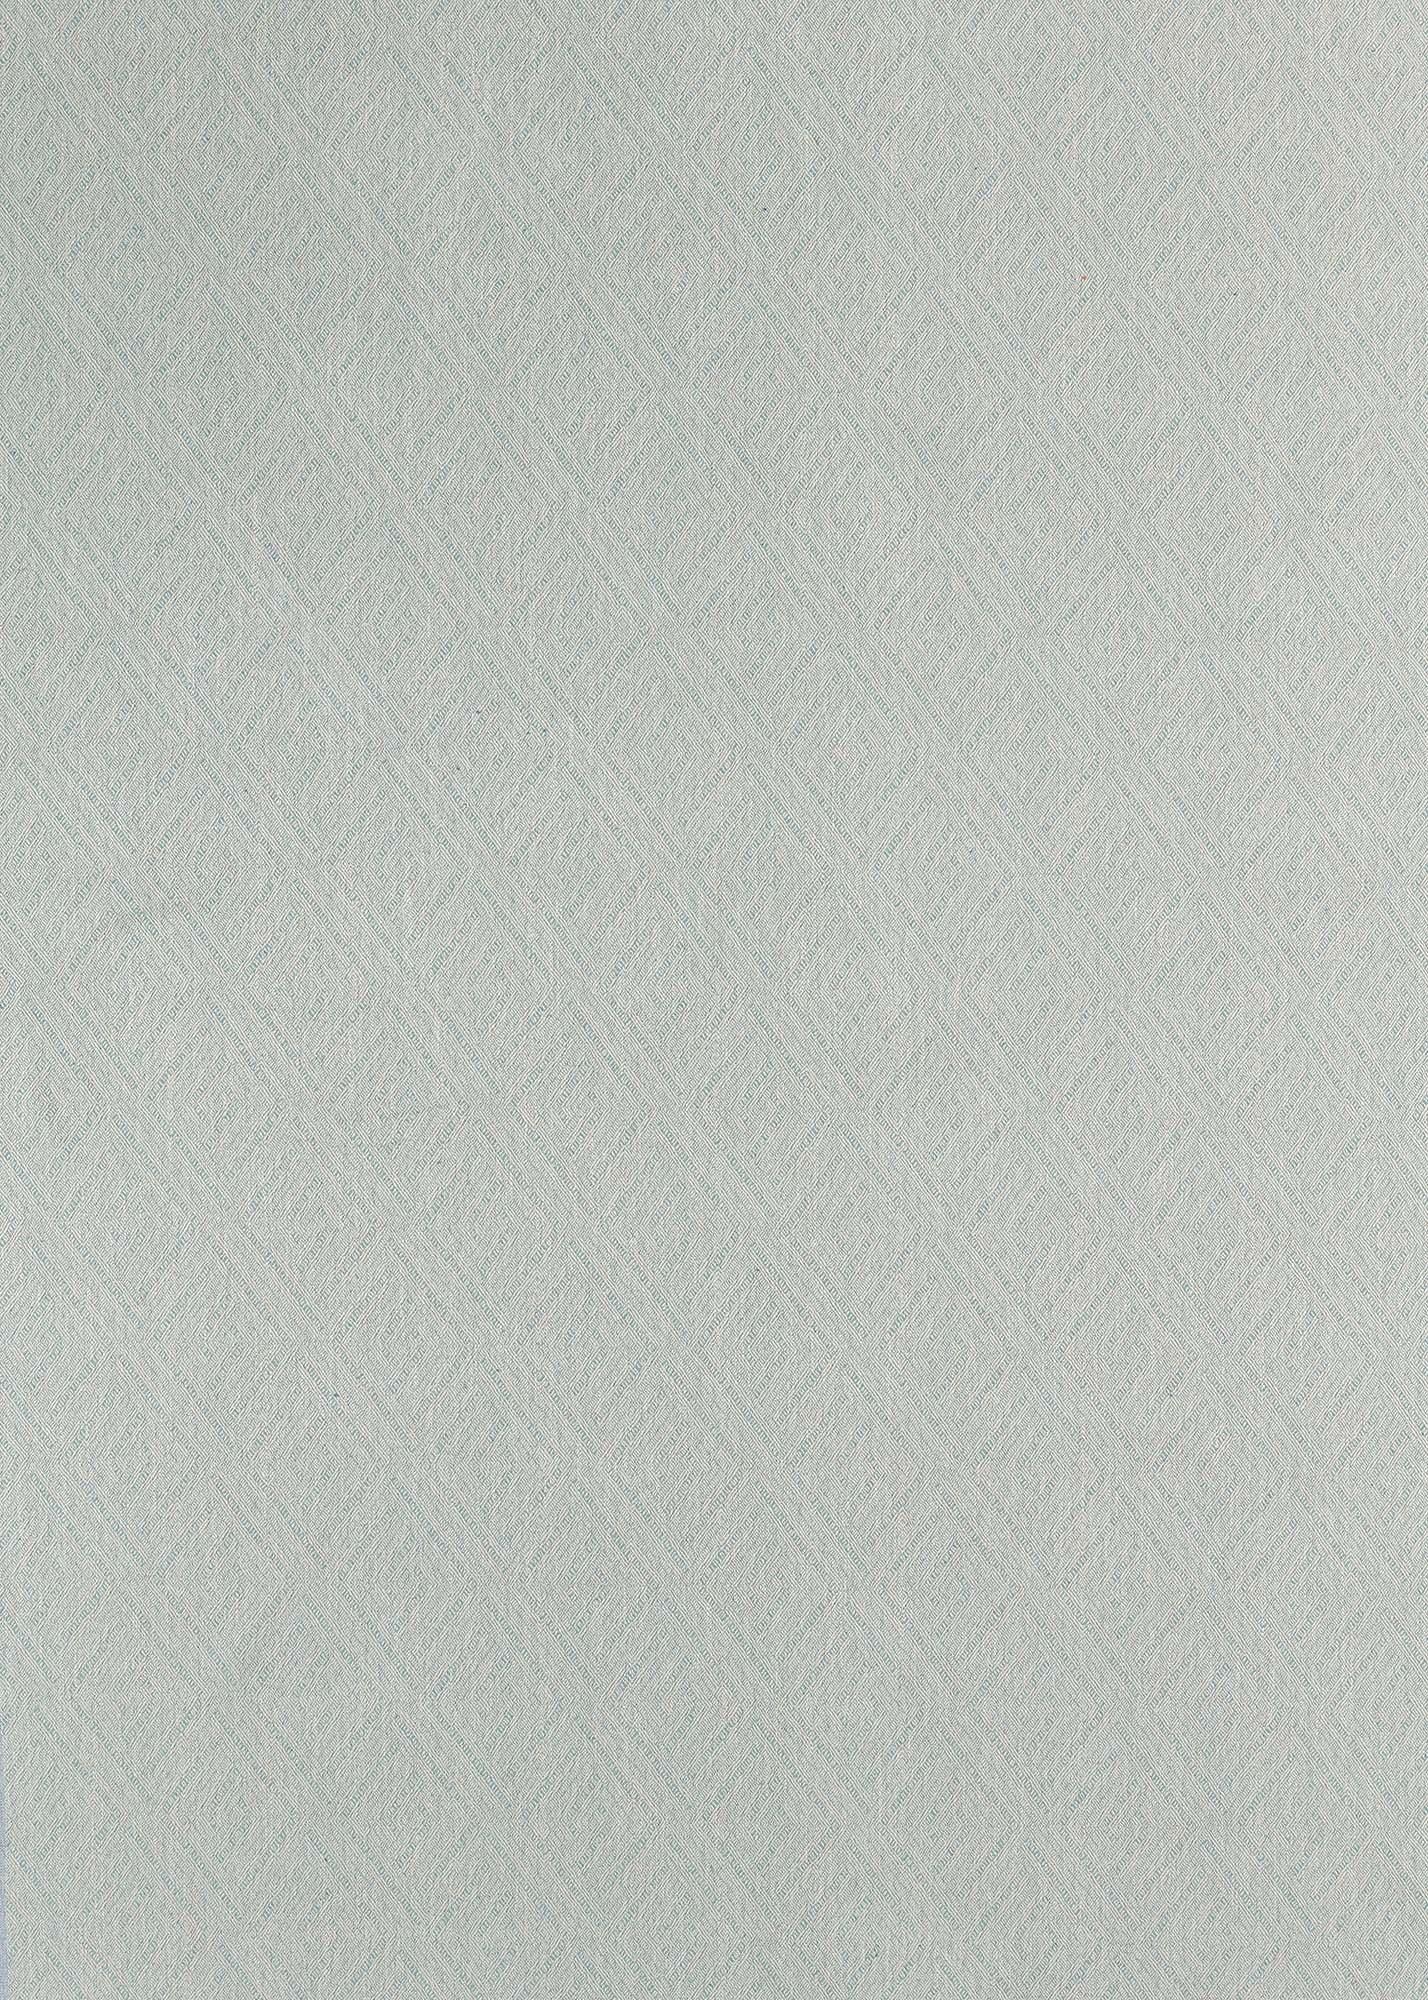 ウィリアムモリス生地 Lethaby Weave 236835